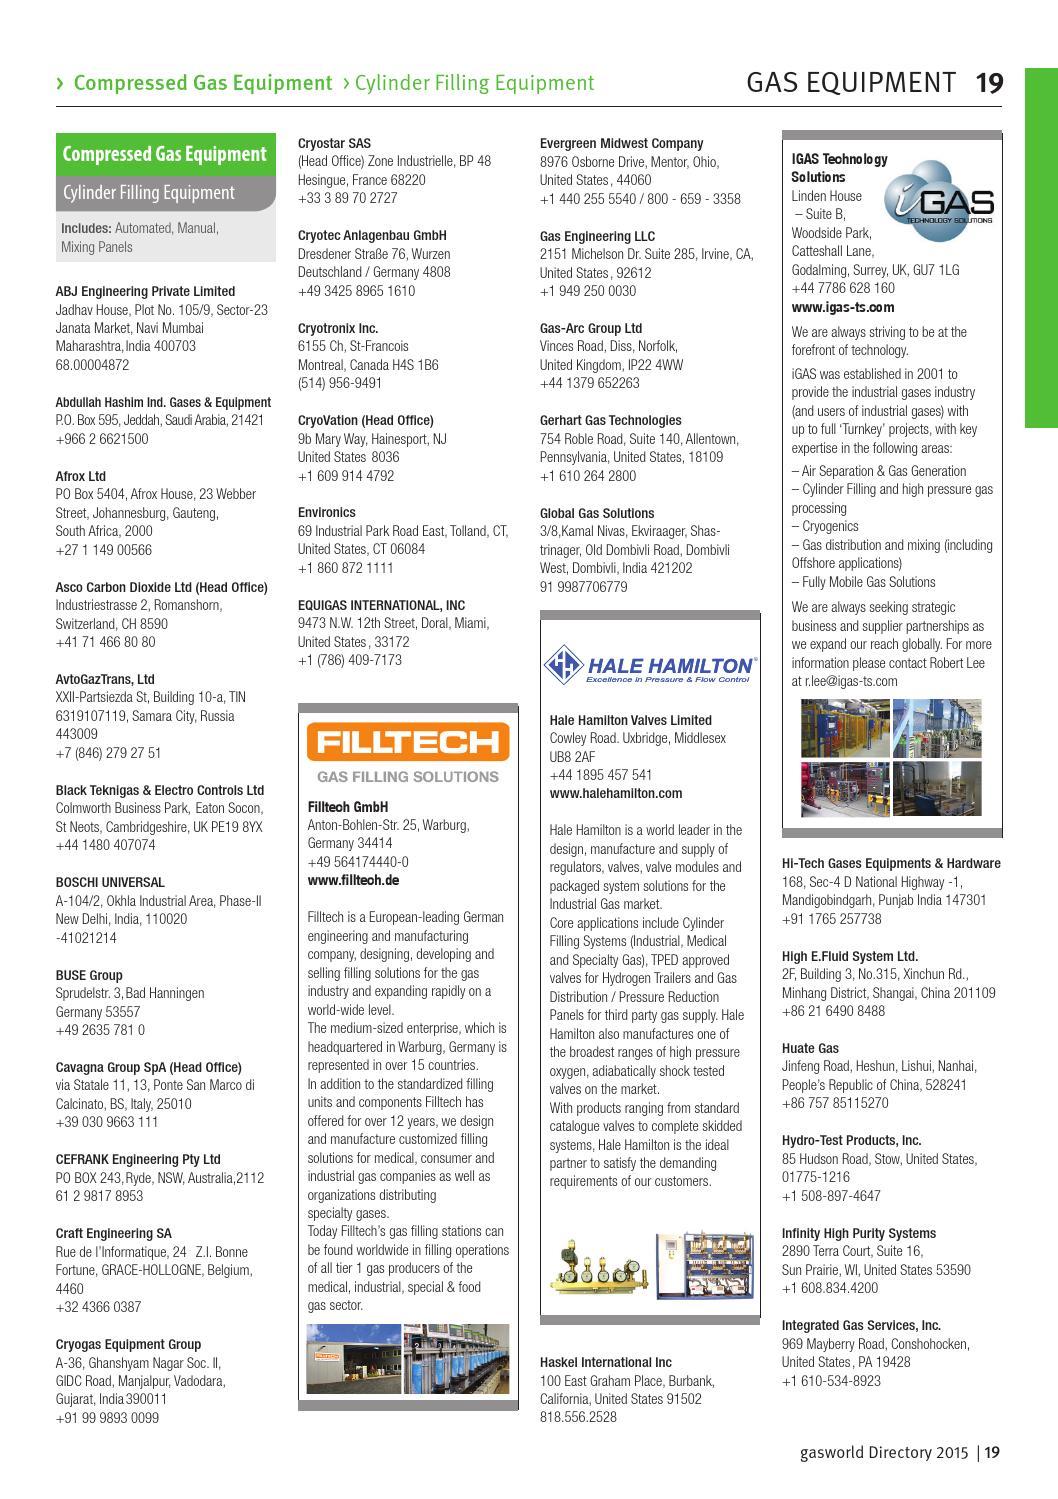 gasworld Global Industrial Gas Directory 2015 by gasworld